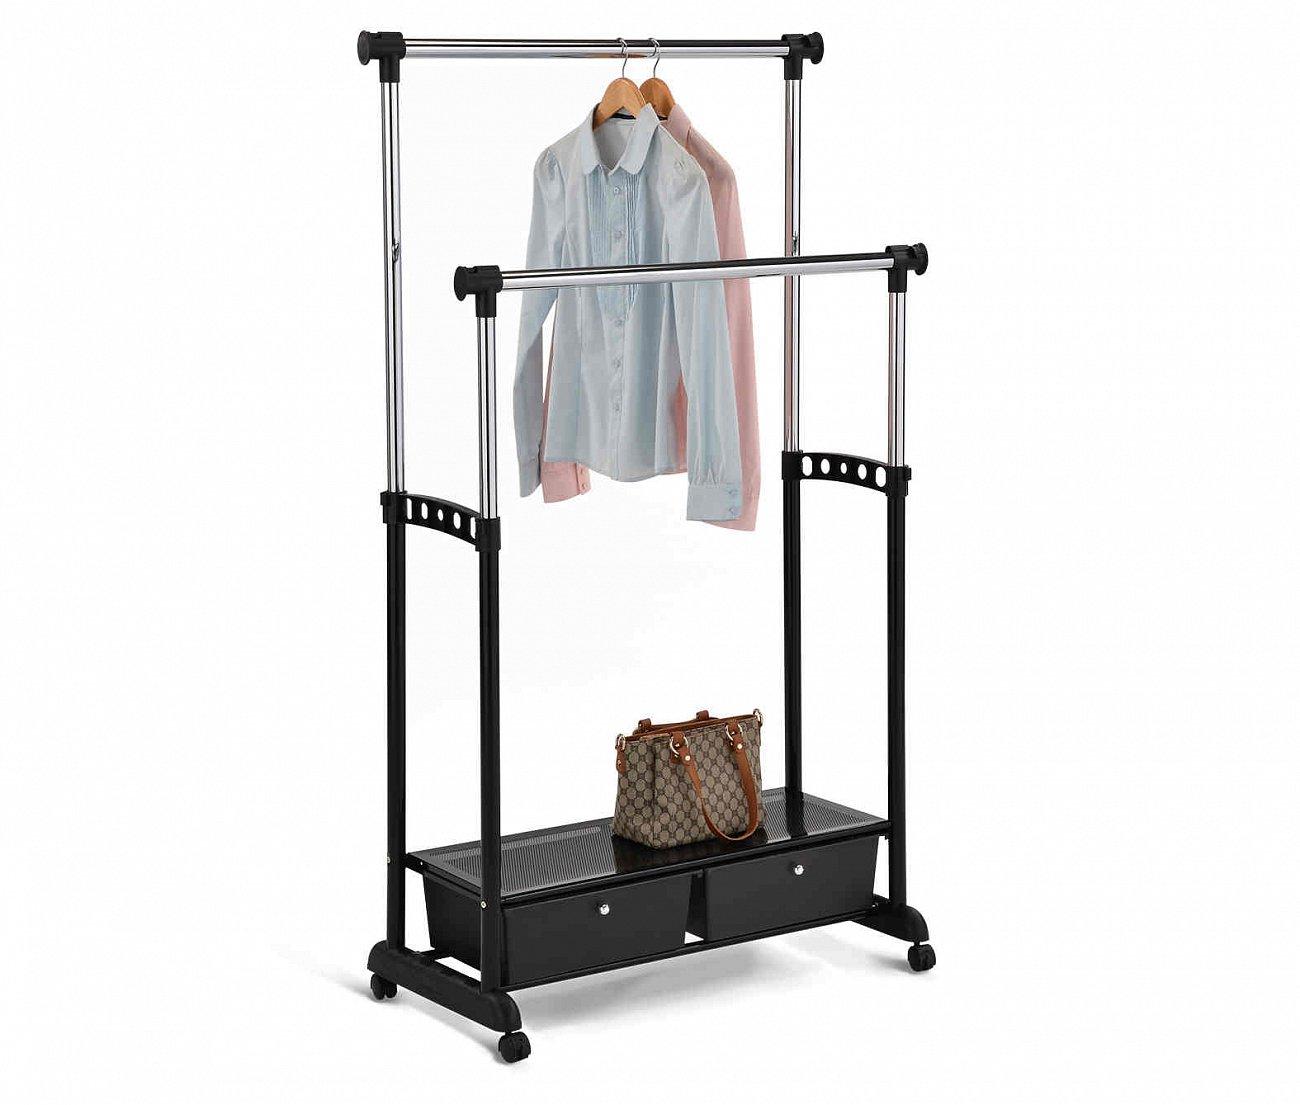 Купить Вешалка гардеробная со шкафчиком Uyt в интернет магазине дизайнерской мебели и аксессуаров для дома и дачи